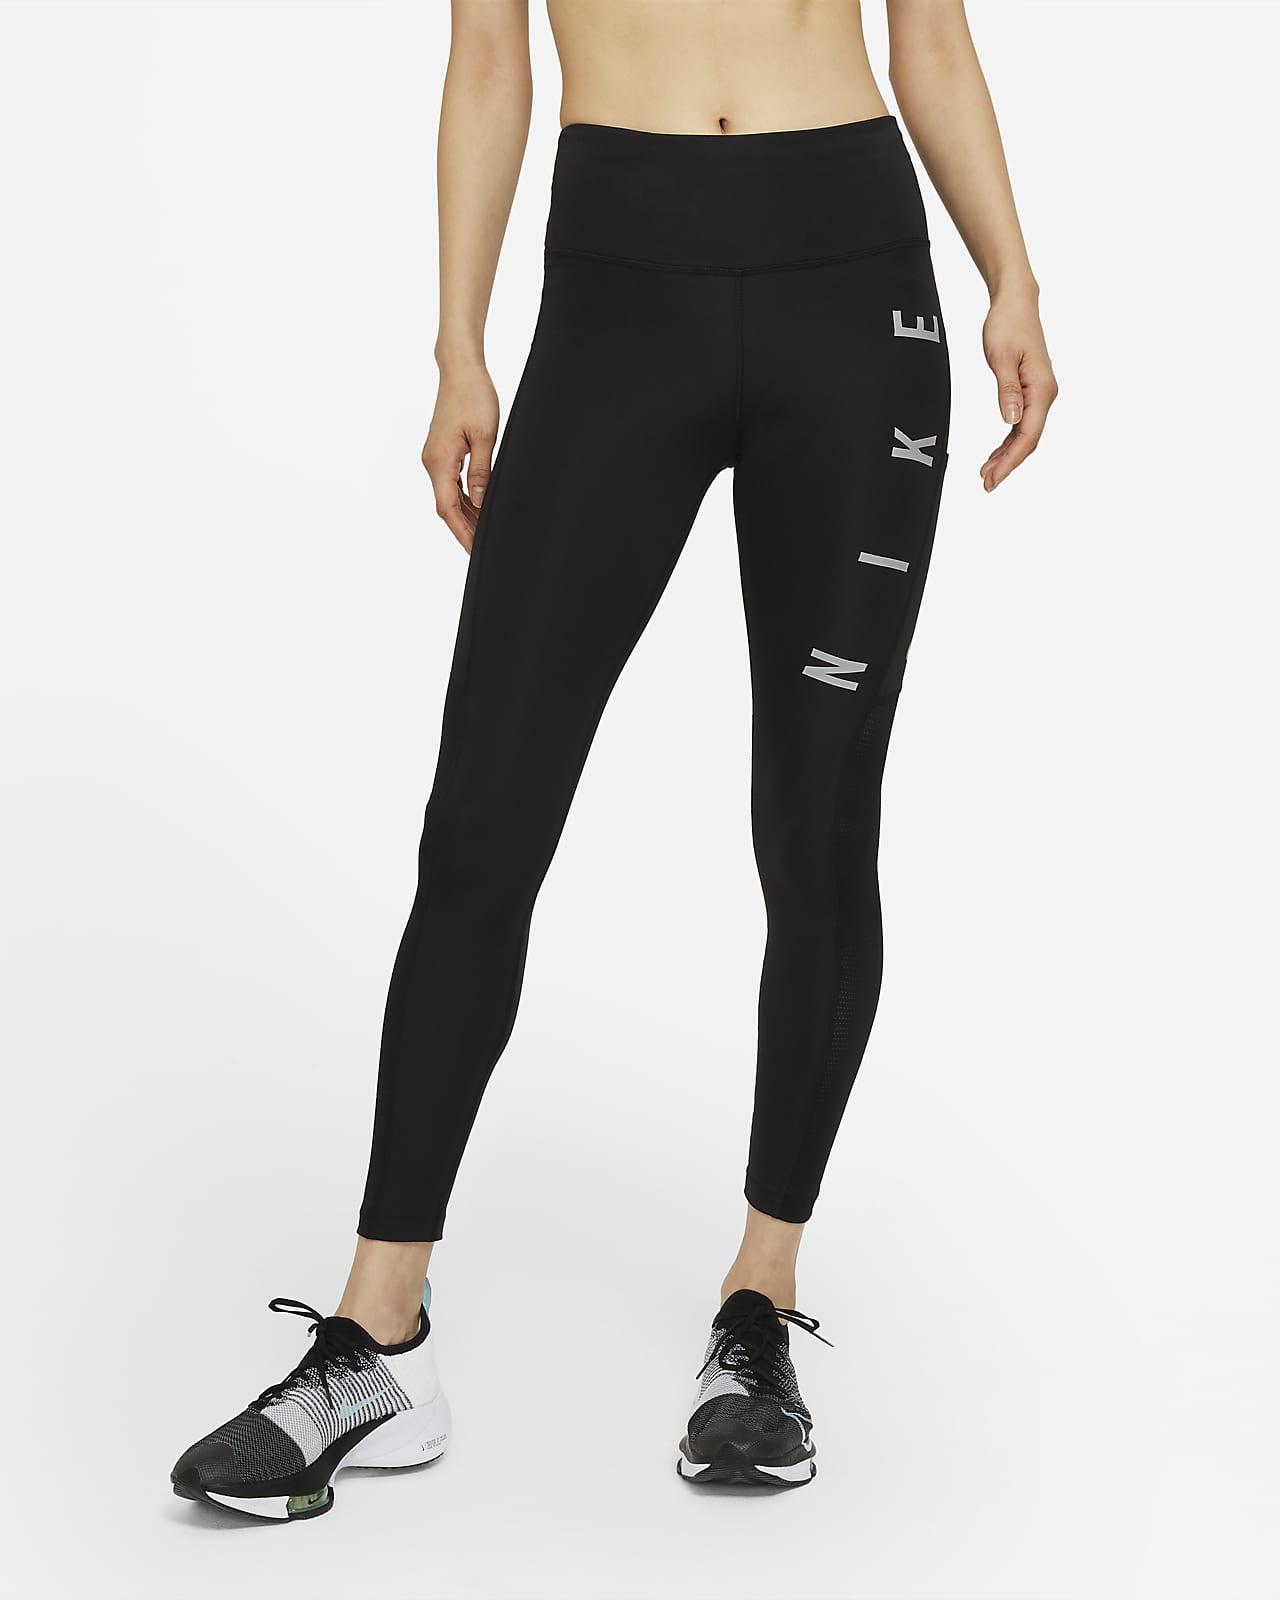 เลกกิ้งวิ่งเอวปานกลางผู้หญิง Nike Epic Fast Run Division